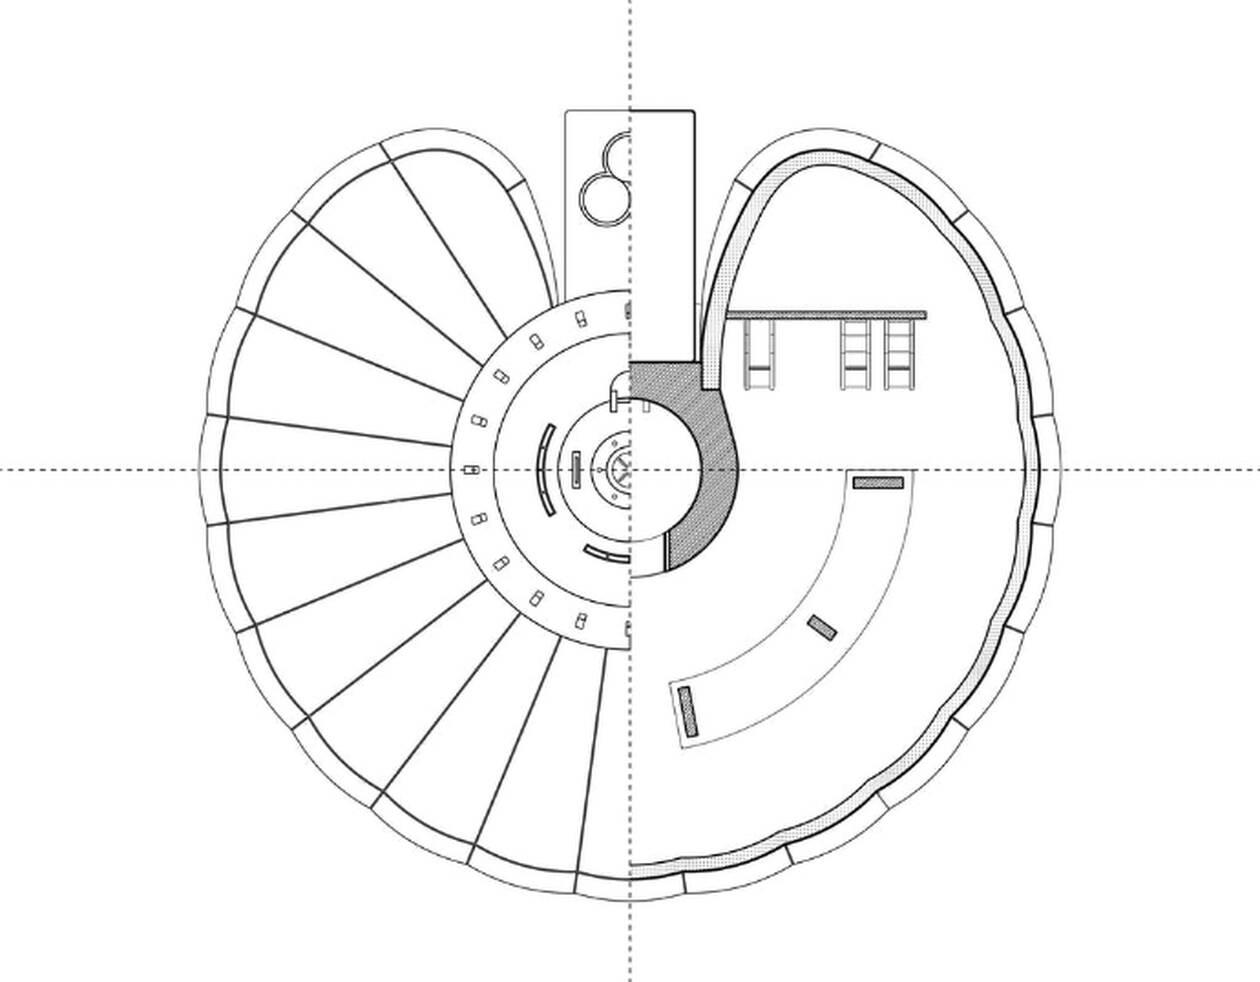 Έλληνας φοιτητής σχεδιάζει σπίτια στη σελήνη